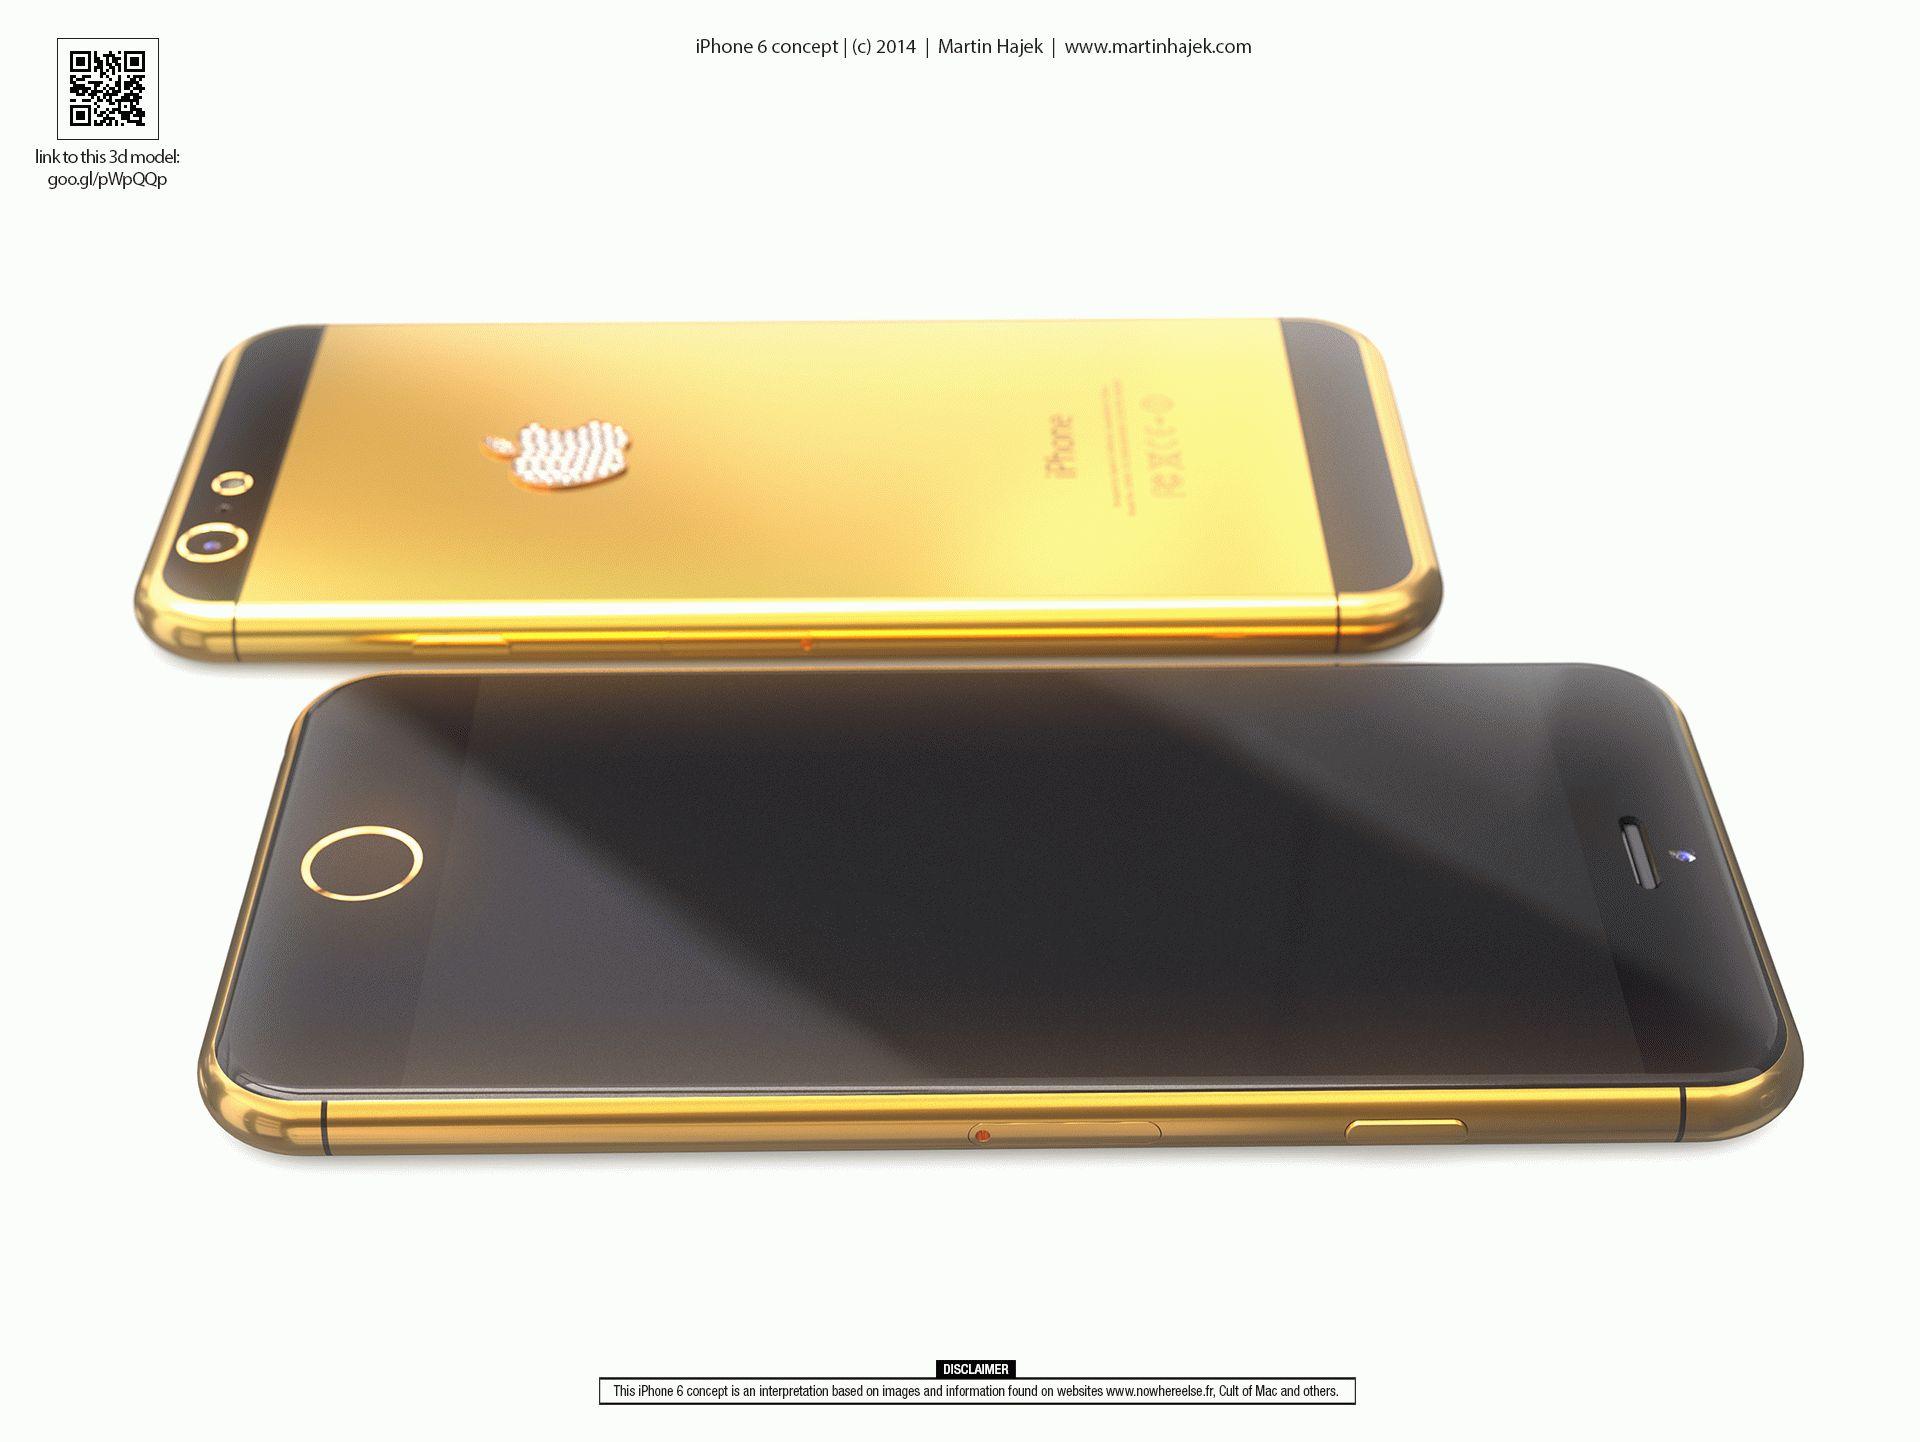 dizayner-predstavil-zolotuyu-versiyu-iphone-6-inkrustirovannuyu-dragotsennyimi-kamnyami-----